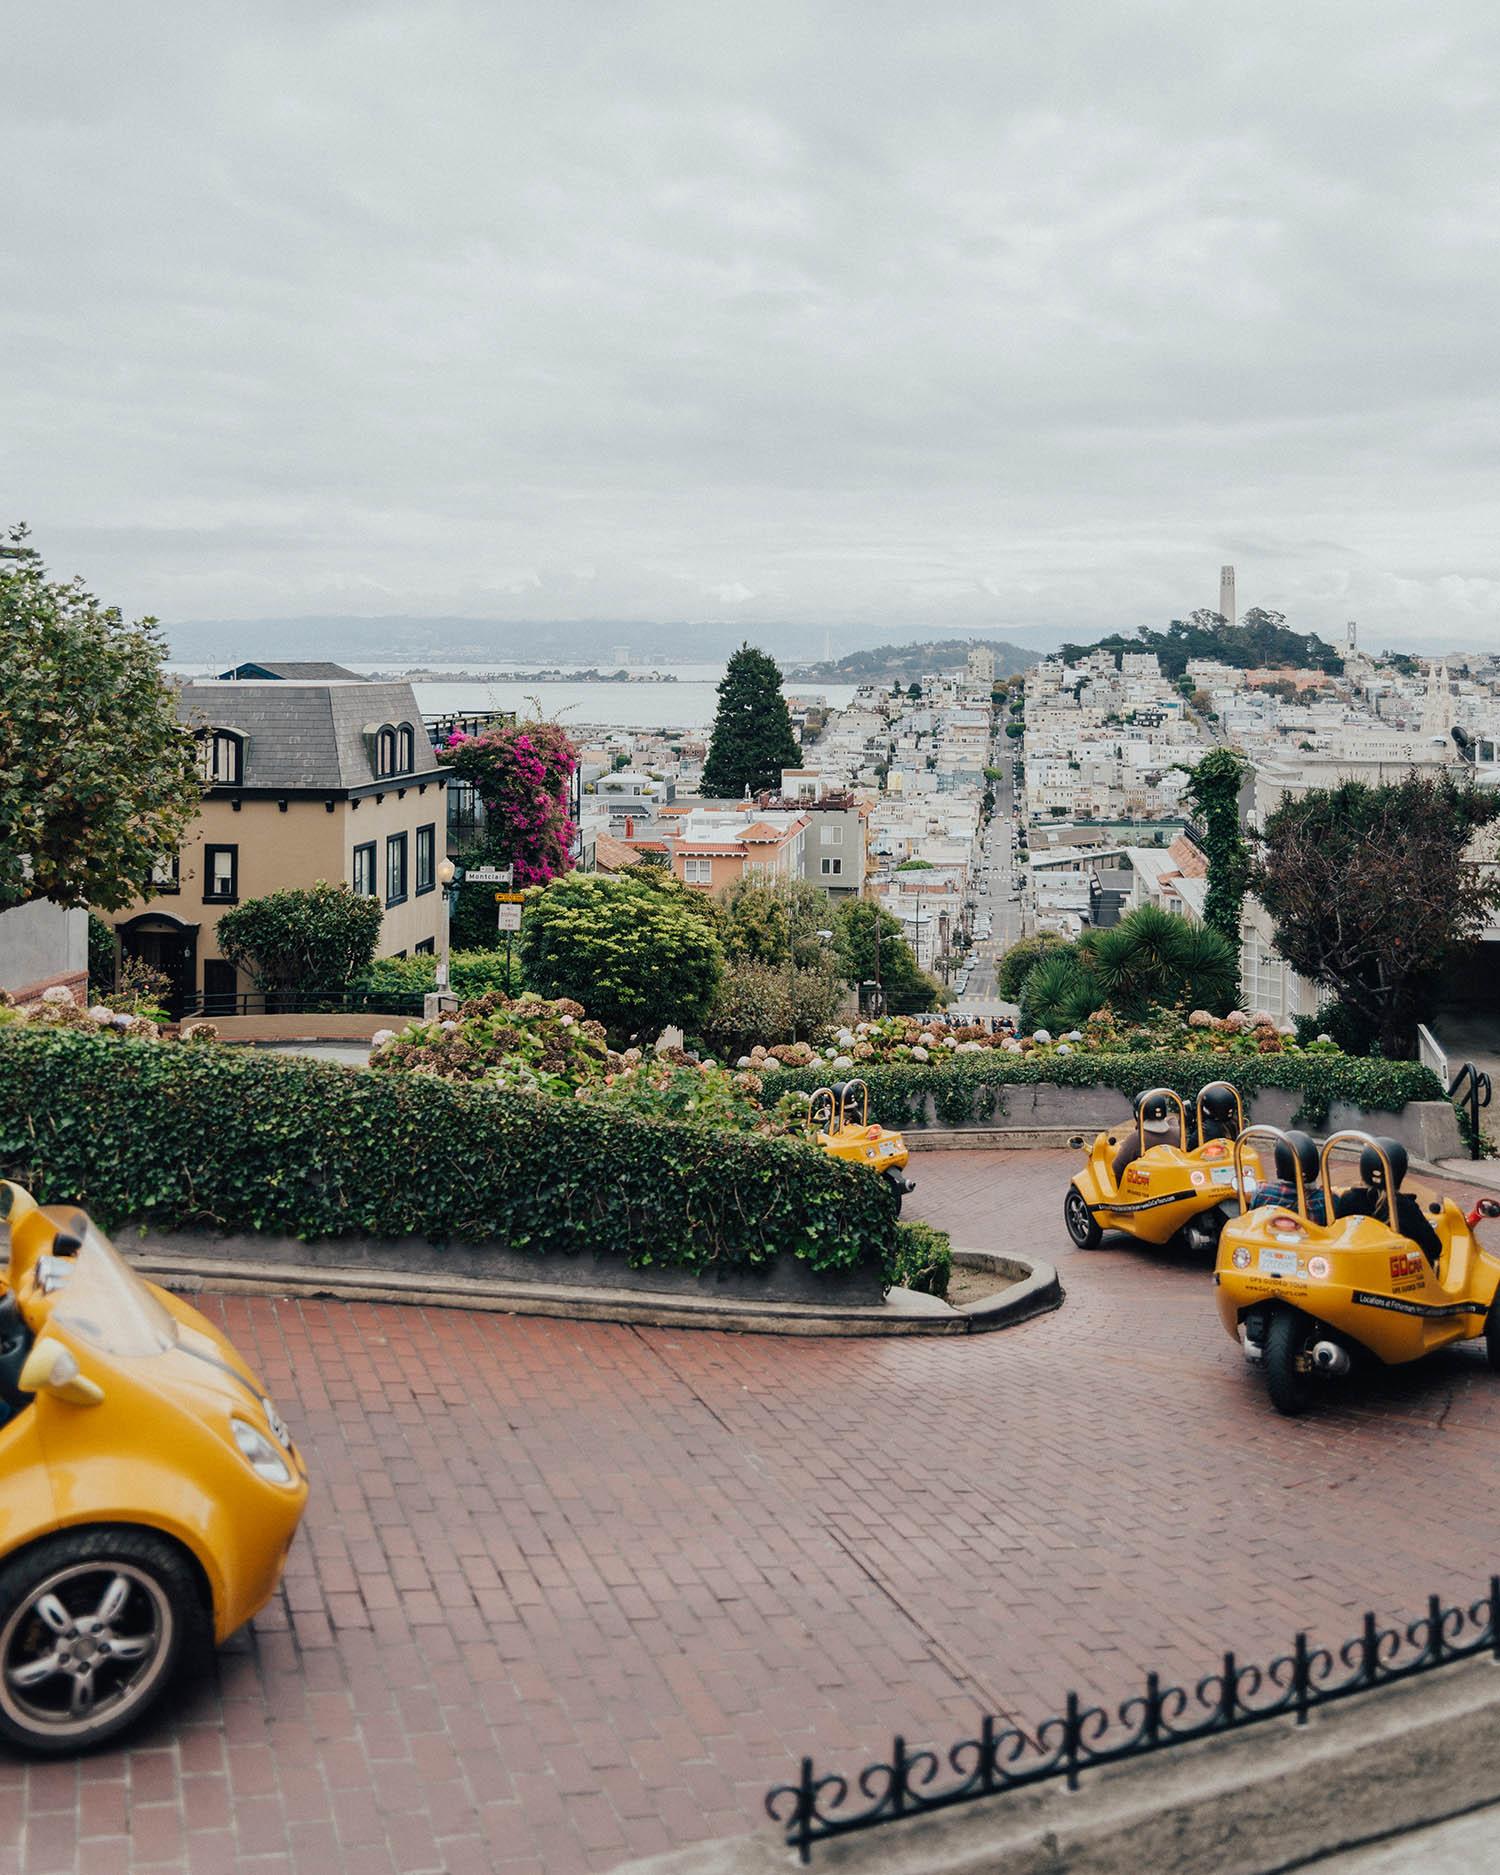 Lombard Street - Instagramvänliga platser i San Francisco